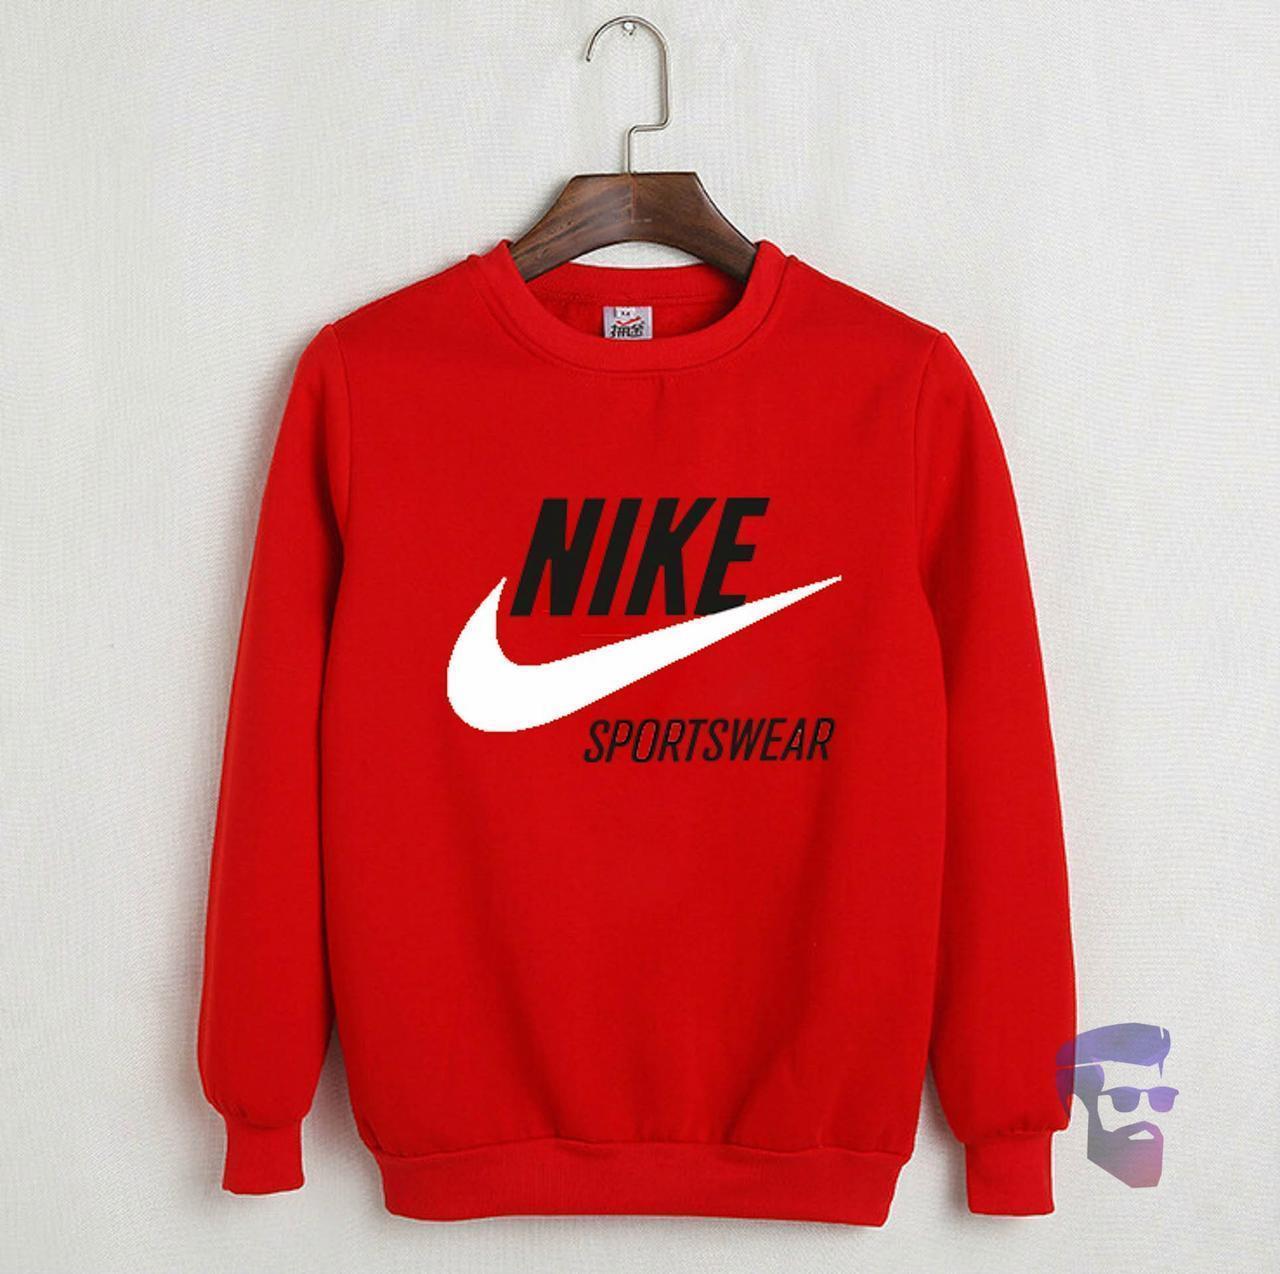 Спортивна кофта Найк, Чоловіча кофта Nike Sportswear, червона, трикотажна, реглан, світшот